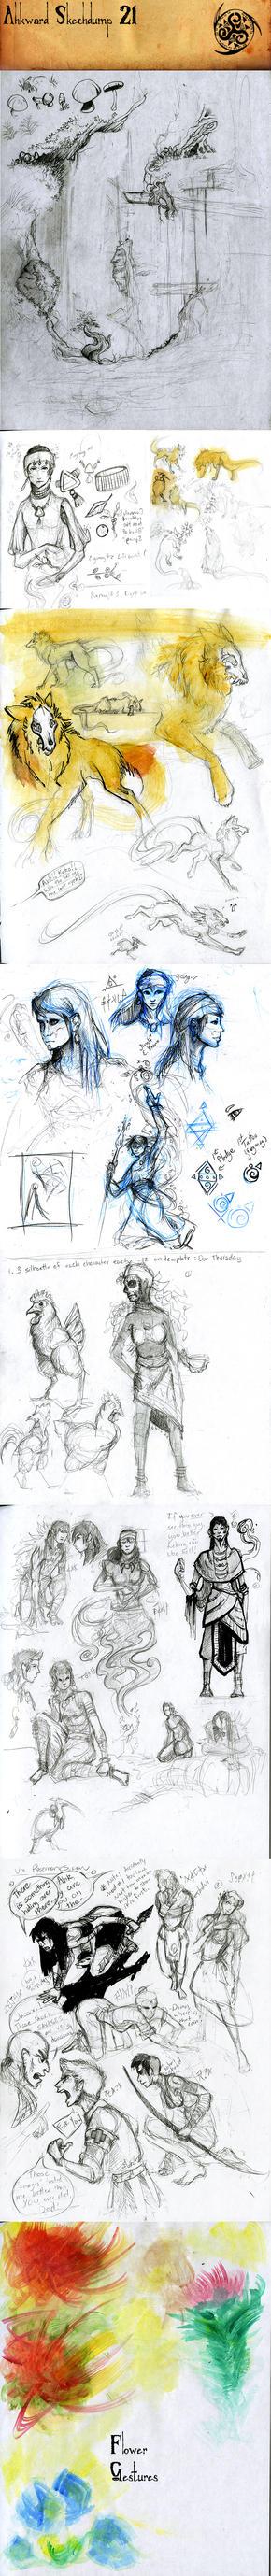 Sketchdump #21 by Ahkward